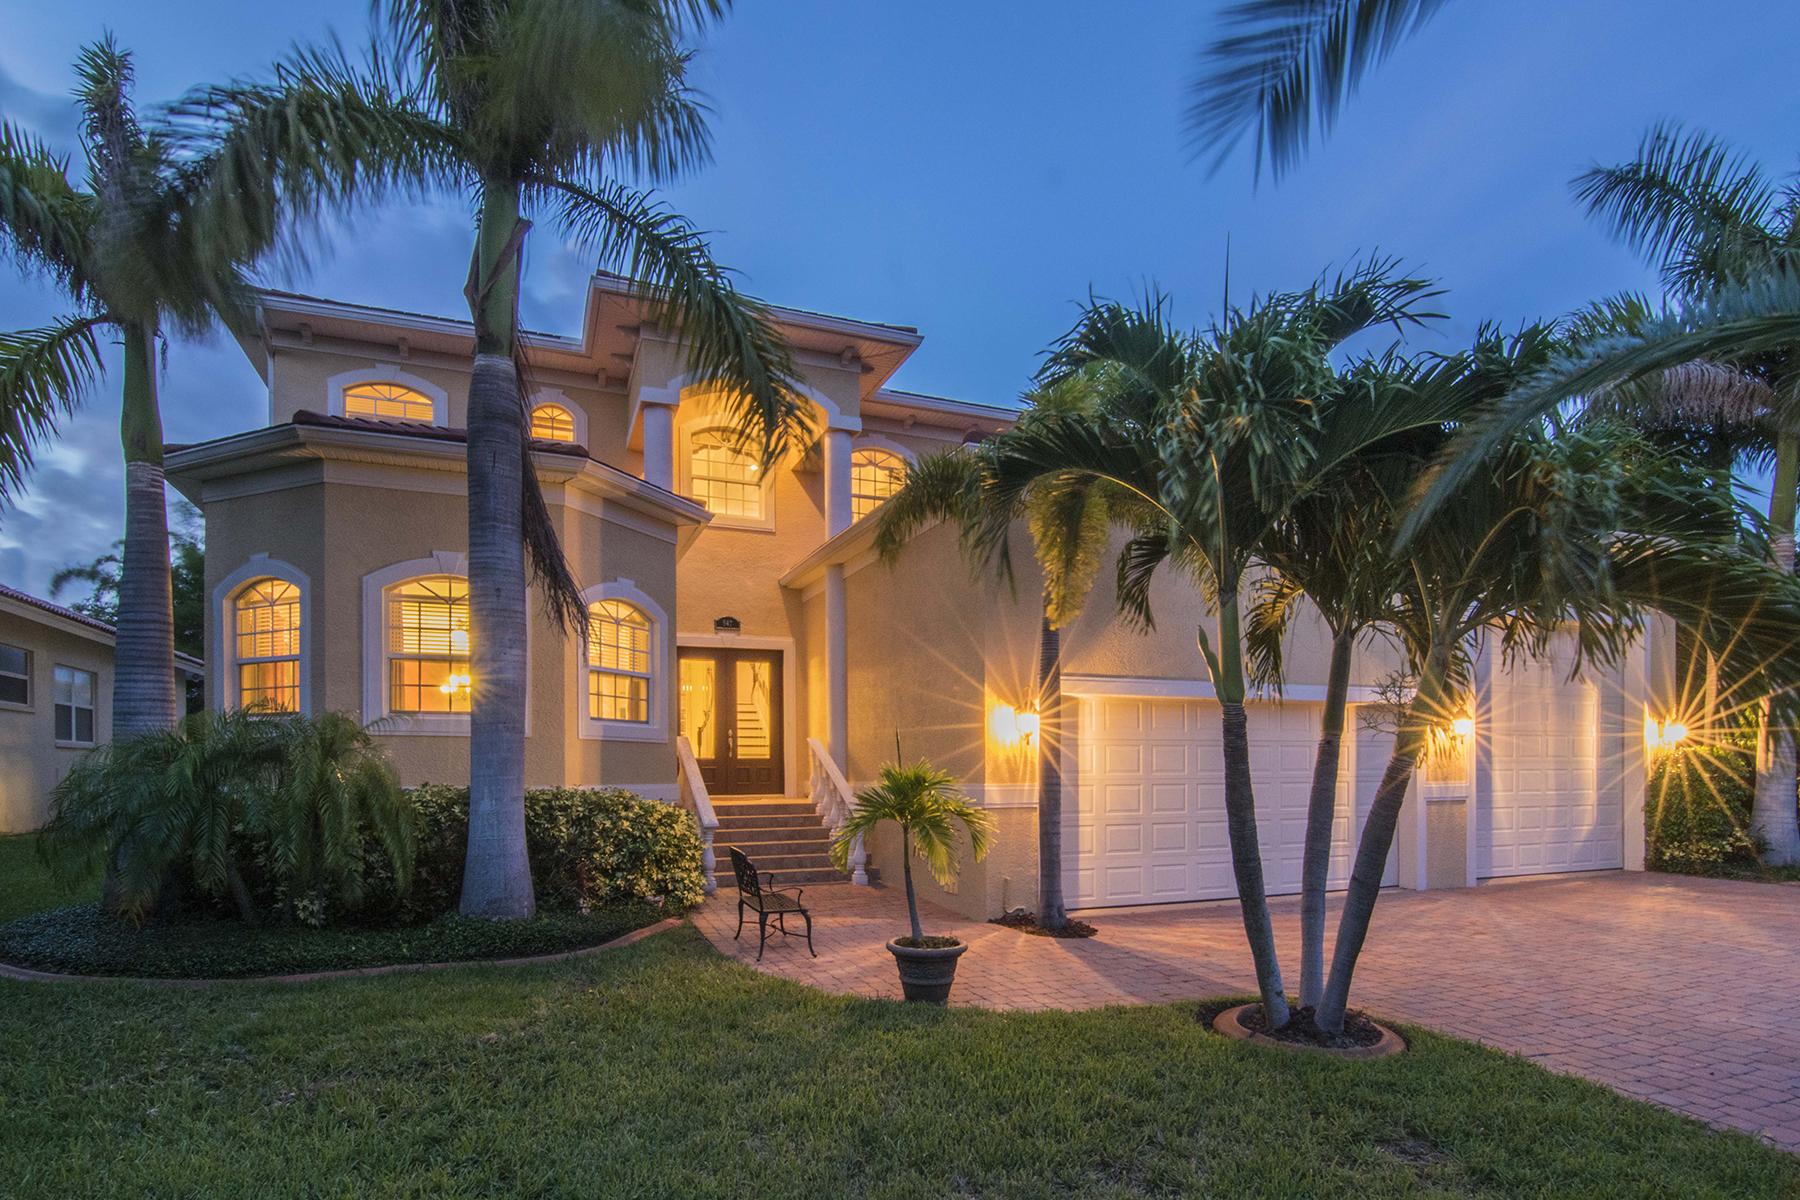 Частный односемейный дом для того Продажа на TIERRA VERDE 647 Santa Maria Dr Tierra Verde, Флорида 33715 Соединенные Штаты